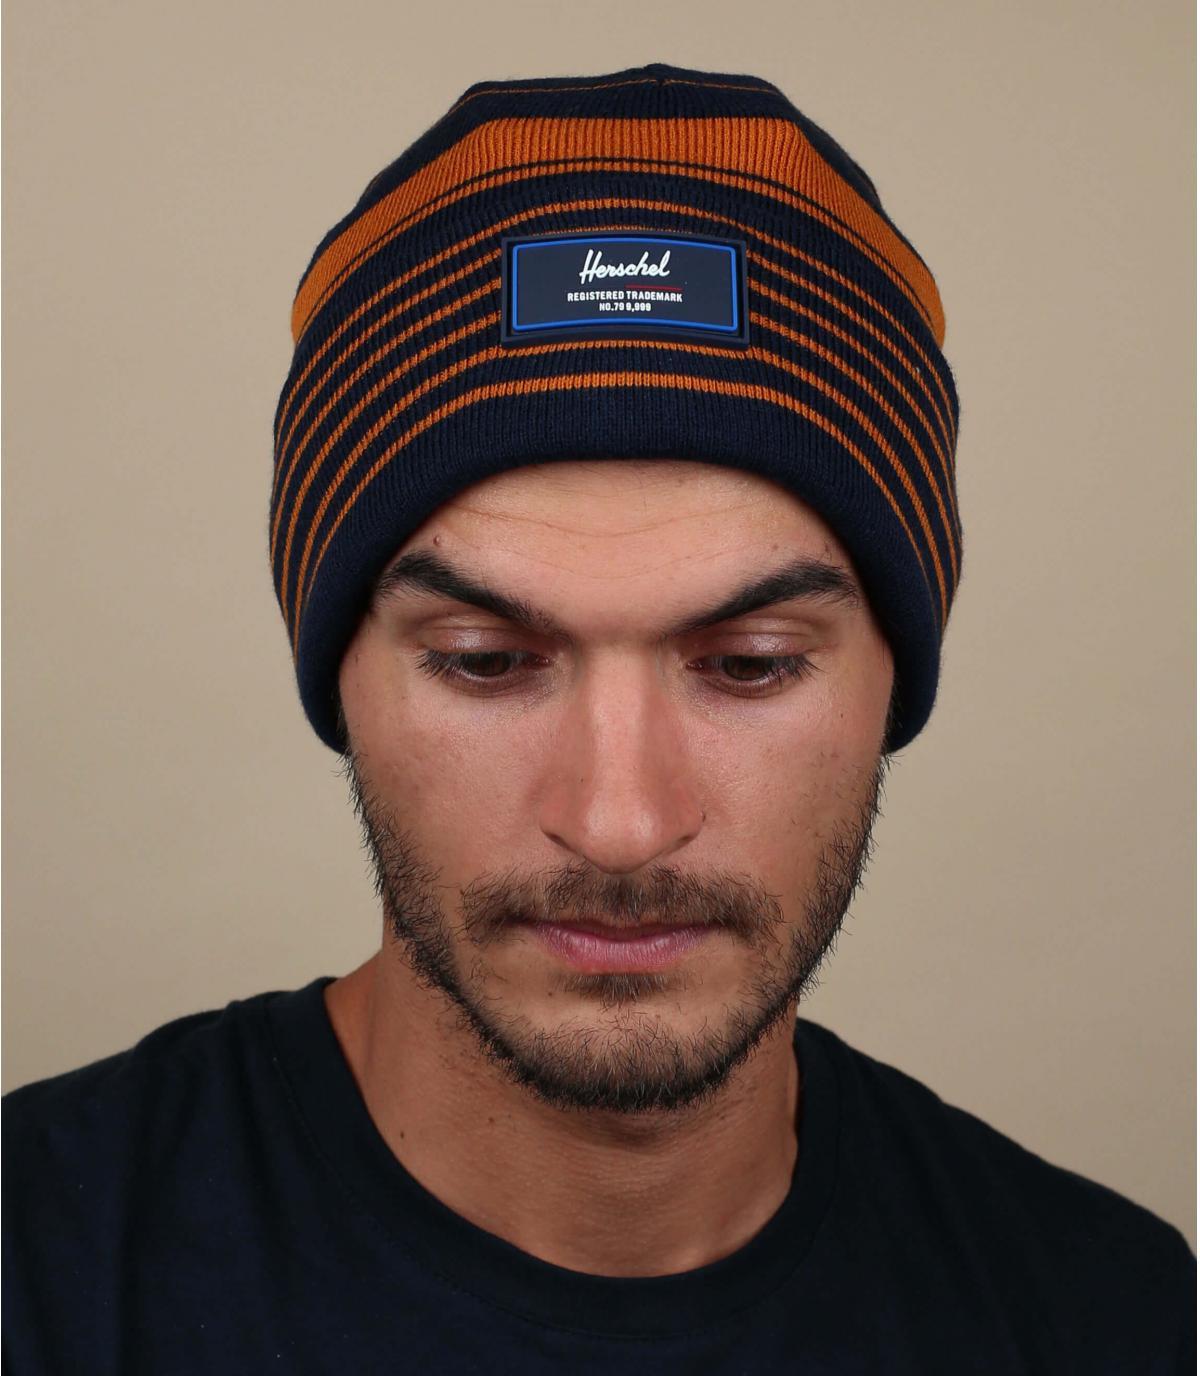 cappello con risvolto a righe blu